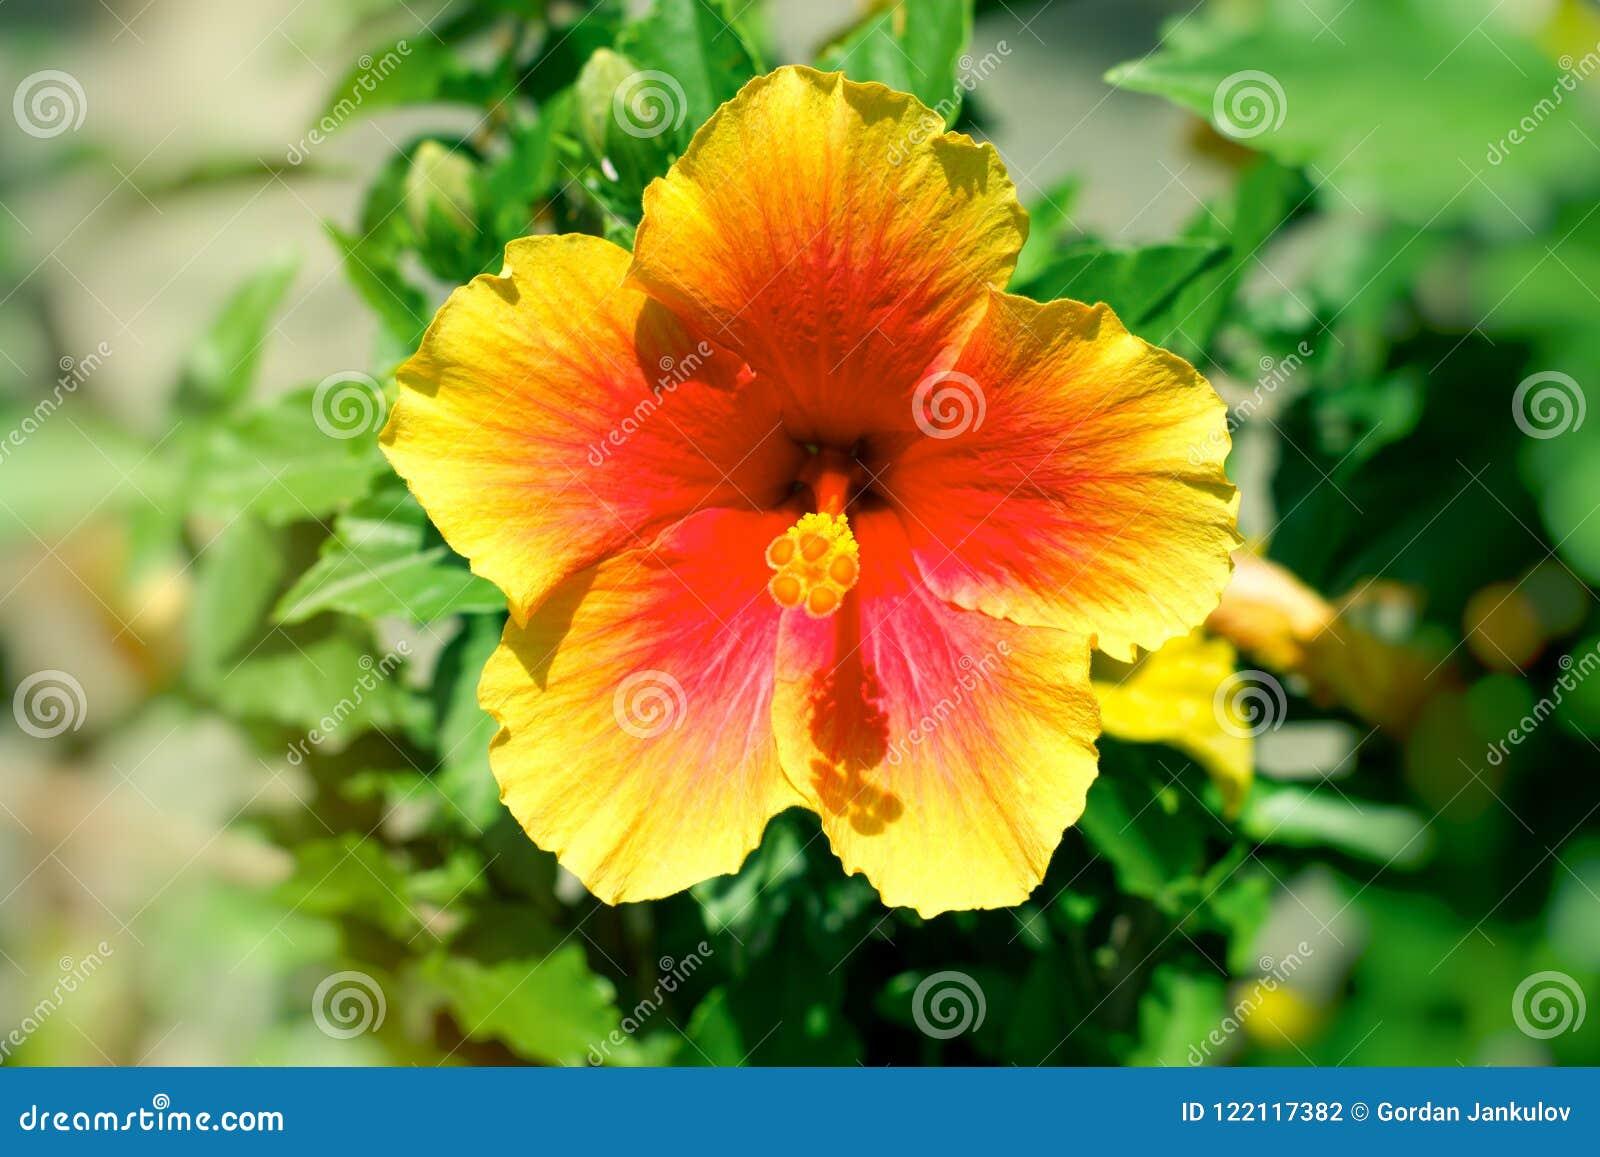 Beautiful Flower In My Garden Flower Lit By Sunlight Stock Photo